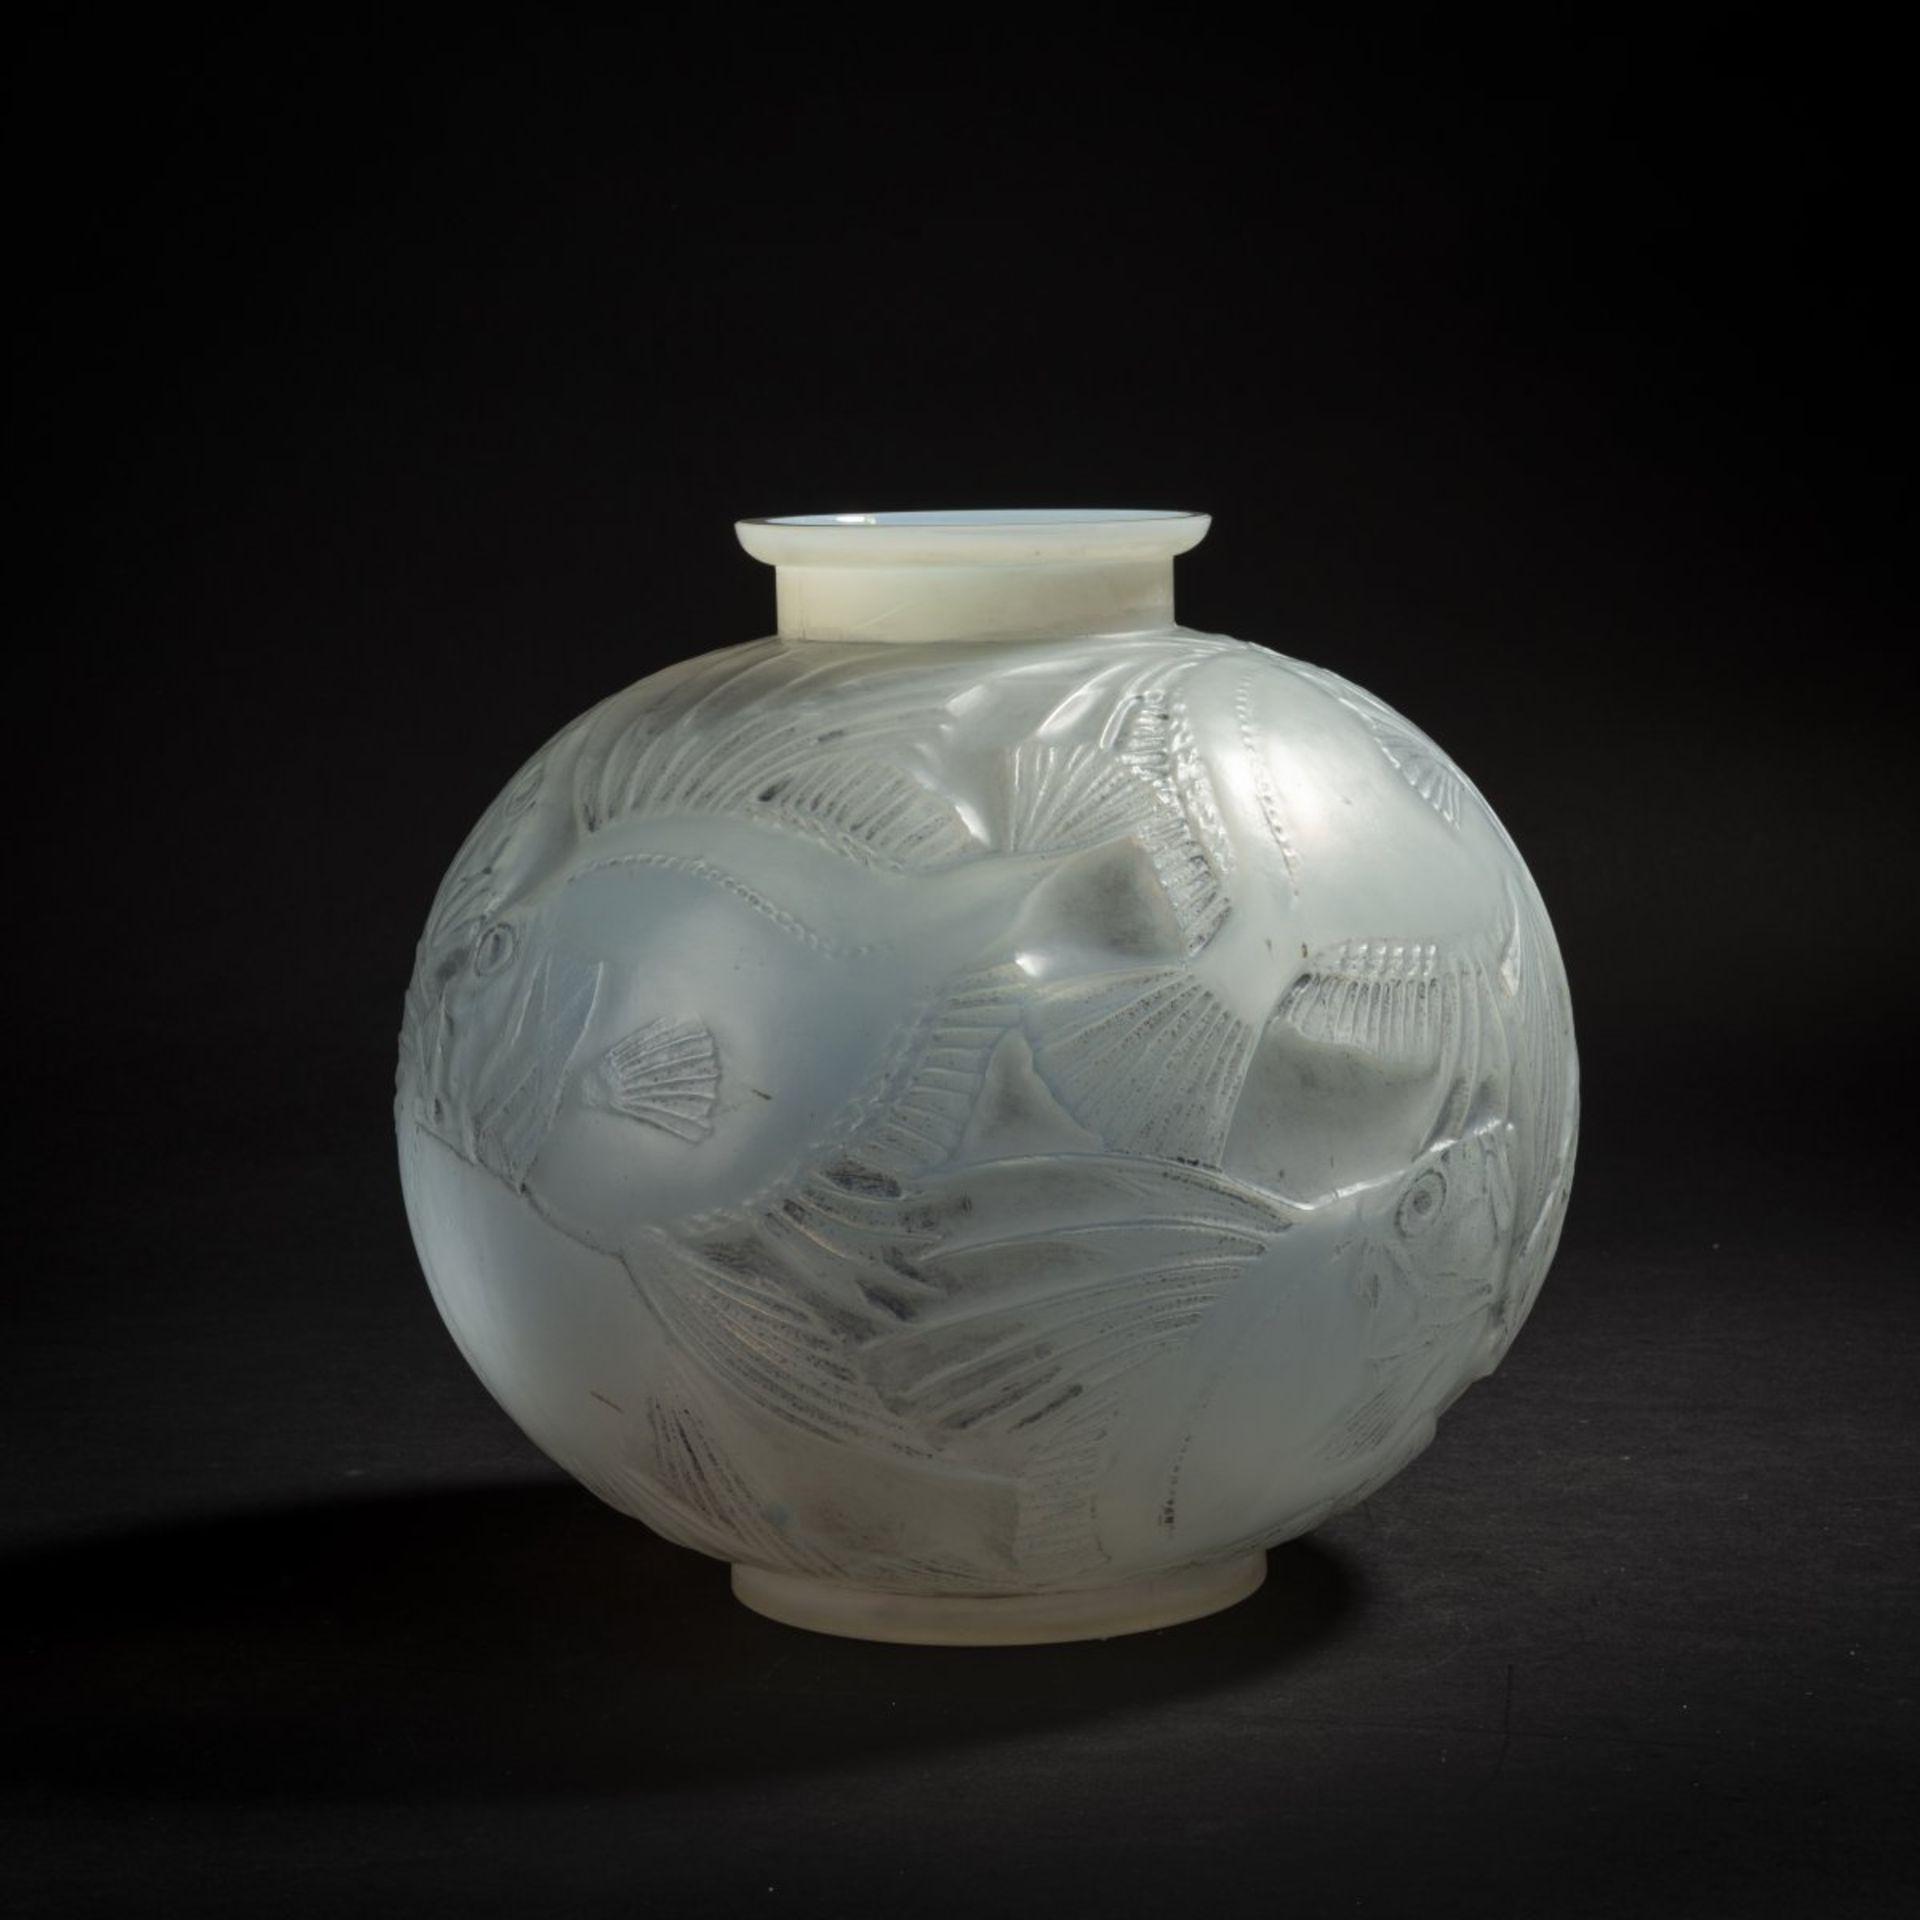 René Lalique, Vase 'Poissons', 1921 - Bild 3 aus 4